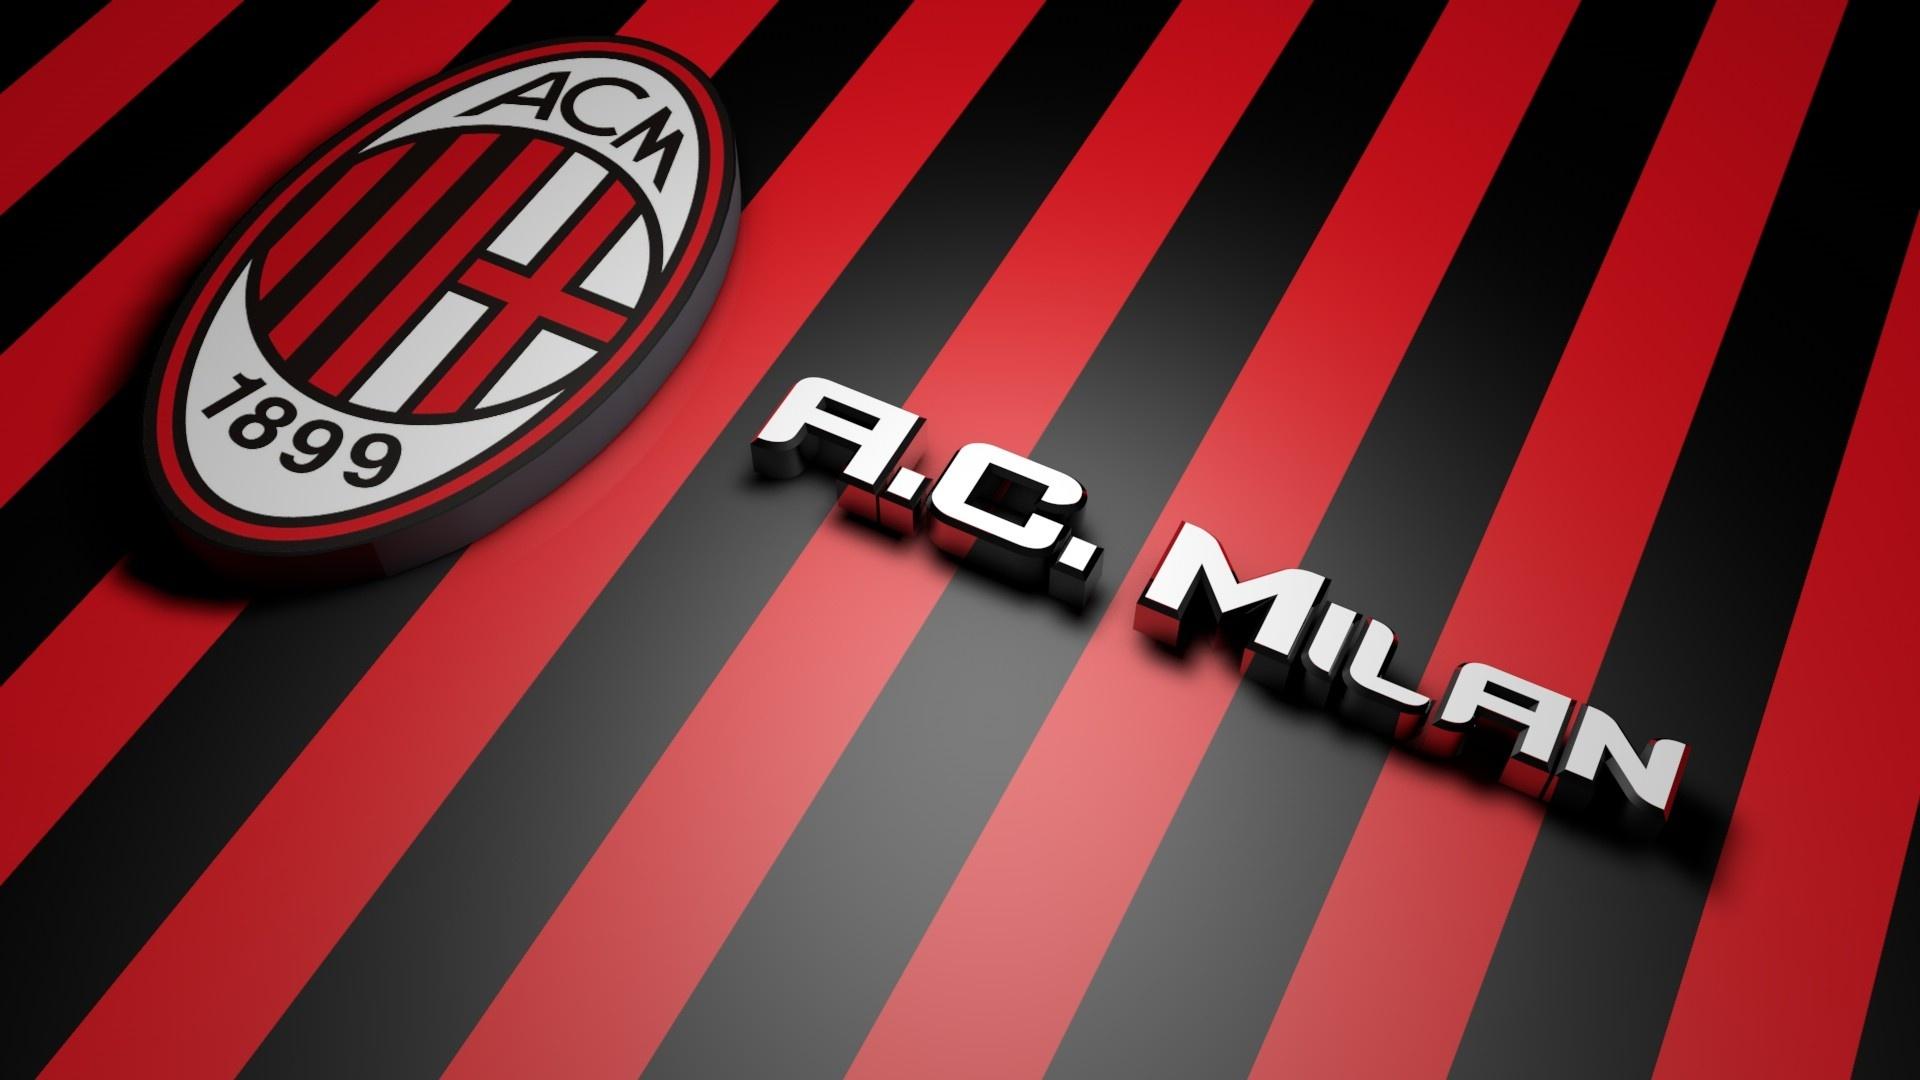 AC Milan Football Logo HD Wallpaper AC Milan Football Logo 1920x1080